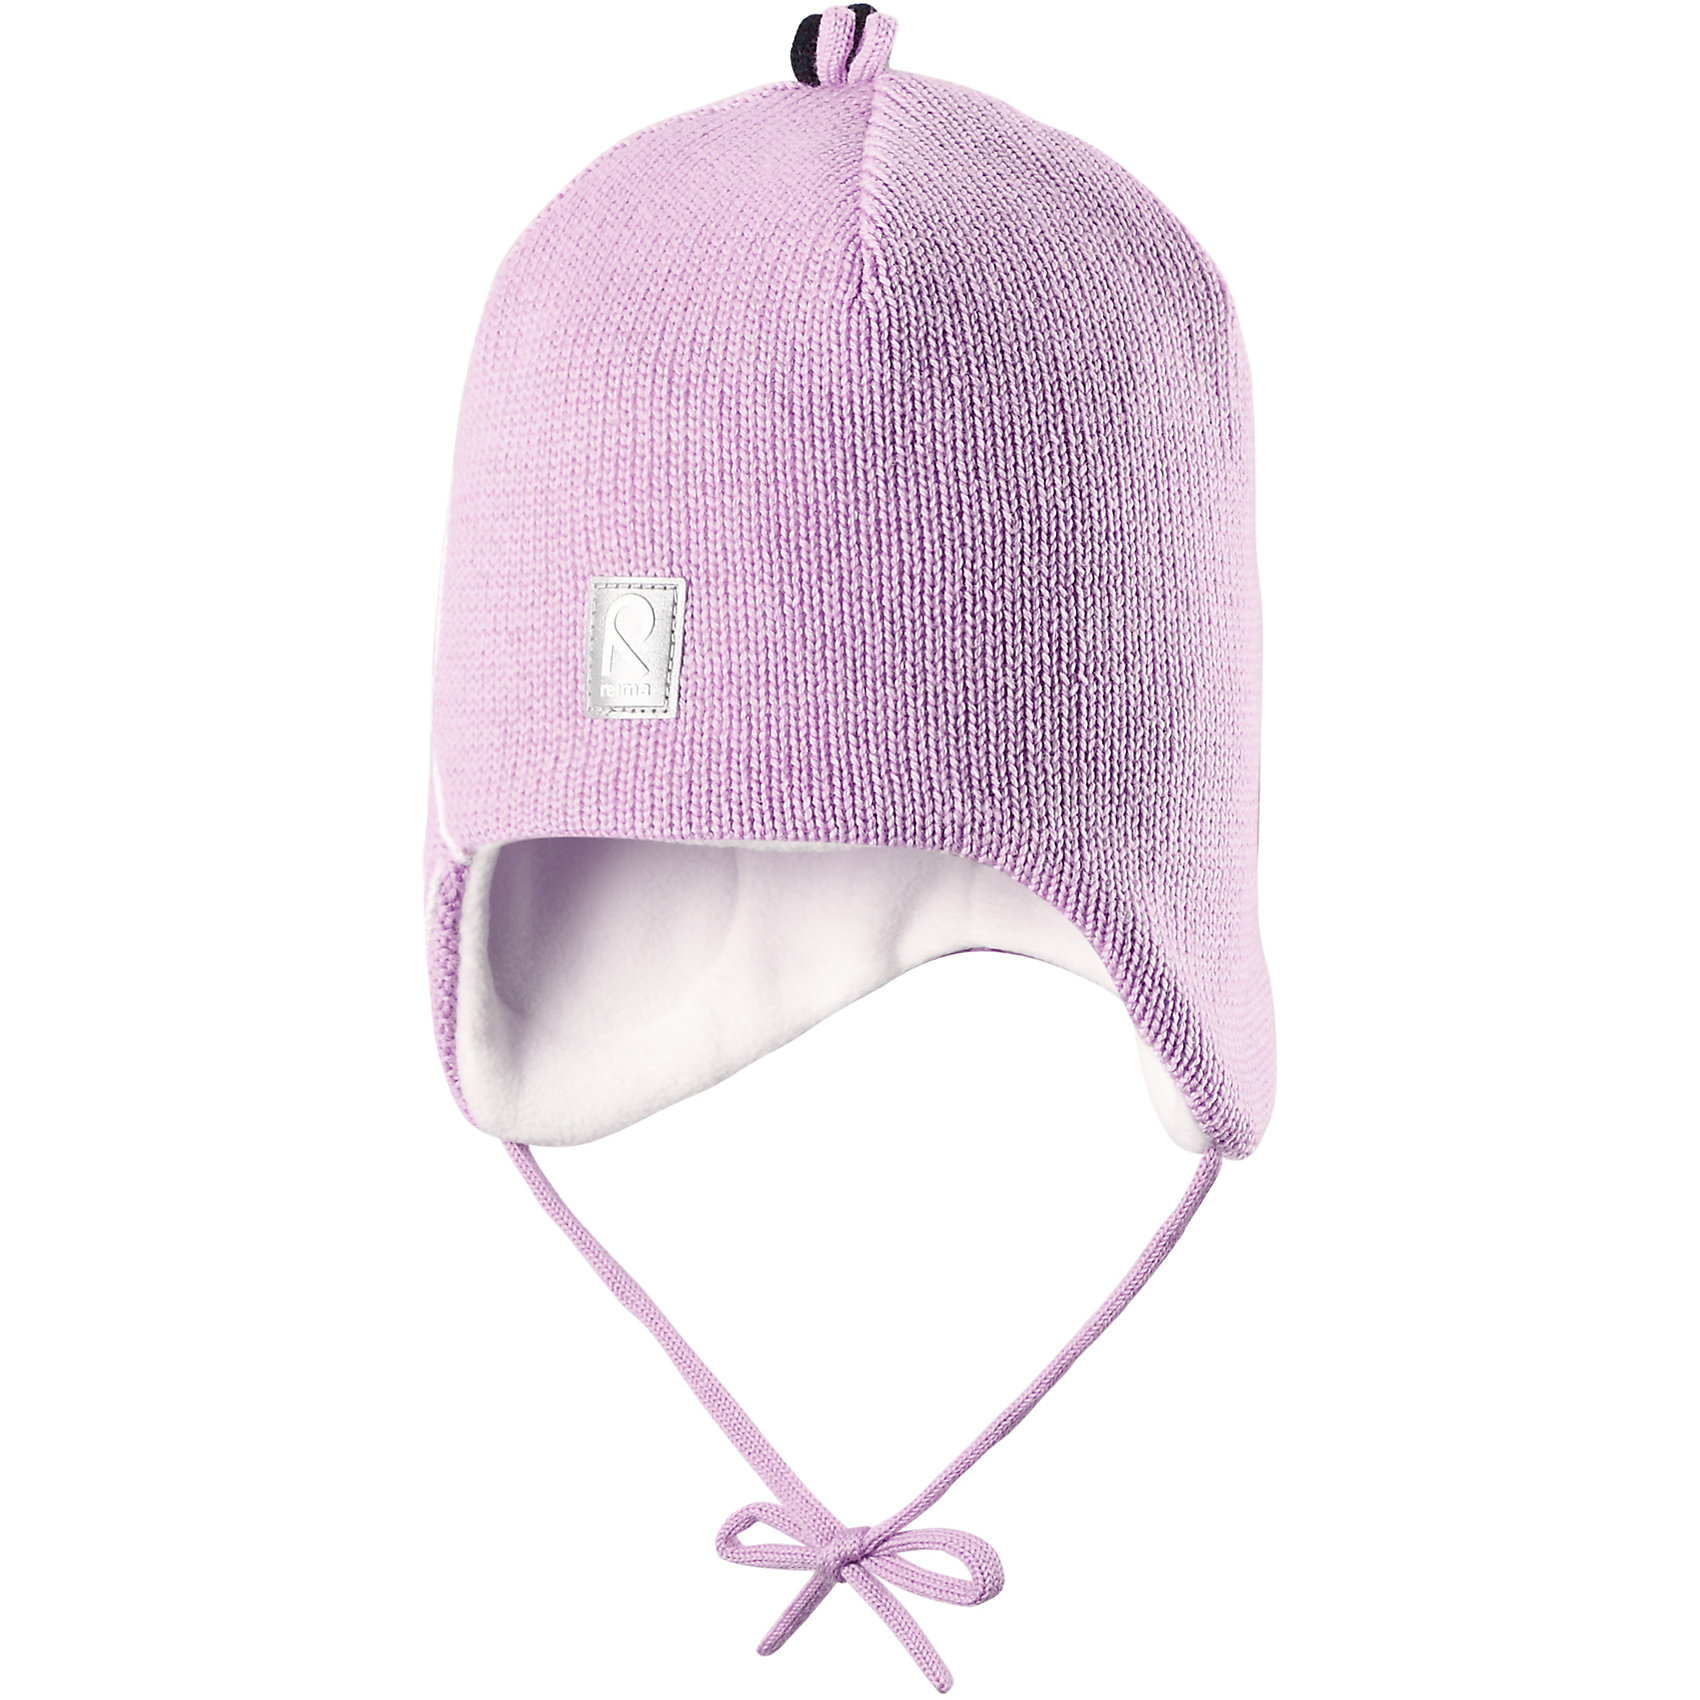 Шапка Hapsu для девочки ReimaШапки и шарфы<br>Шапка для девочки Reima<br>Шапка «Бини» для малышей. Шерсть идеально поддерживает температуру. Теплая шерстяная вязка (волокно). Товар сертифицирован Oeko-Tex, класс 1, одежда для малышей. Ветронепроницаемые вставки в области ушей. Любые размеры. Мягкая теплая подкладка из поларфлиса. Логотип Reima® спереди. Милый вязаный узор. Декоративные элементы сверху. Светоотражающий элемент спереди.<br>Уход:<br>Стирать по отдельности, вывернув наизнанку. Придать первоначальную форму вo влажном виде. Возможна усадка 5 %.<br>Состав:<br>100% Шерсть<br><br>Ширина мм: 89<br>Глубина мм: 117<br>Высота мм: 44<br>Вес г: 155<br>Цвет: розовый<br>Возраст от месяцев: 9<br>Возраст до месяцев: 18<br>Пол: Женский<br>Возраст: Детский<br>Размер: 48,50,52,46<br>SKU: 4777142